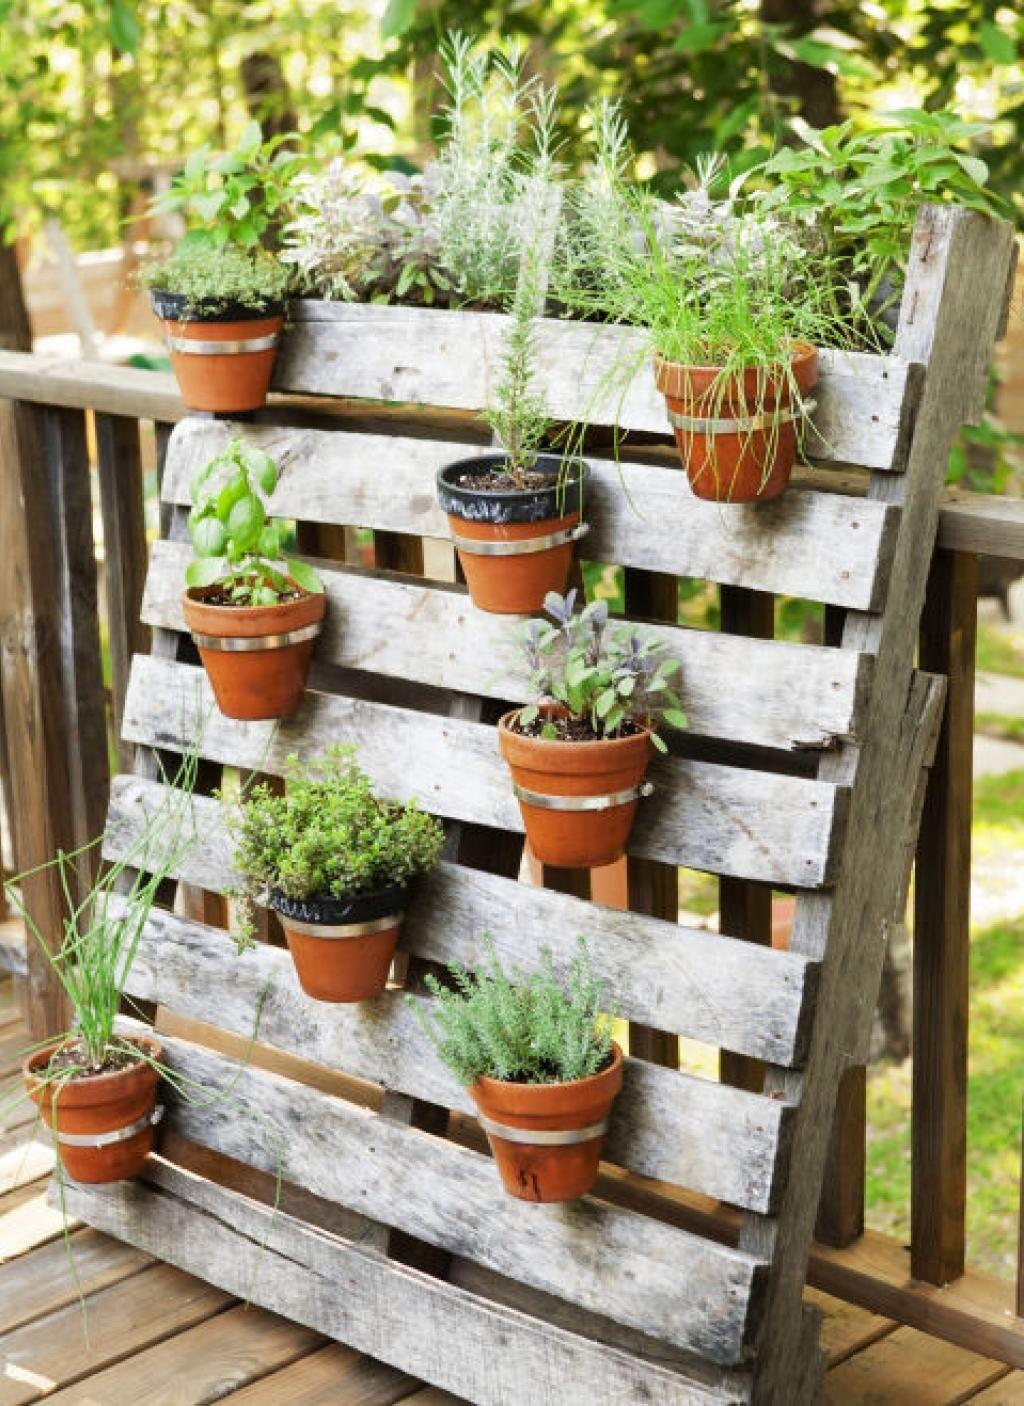 8 Astuces De Décoration De Jardin, Avec Des Objets Récupérés ... tout Objet Decoration Jardin